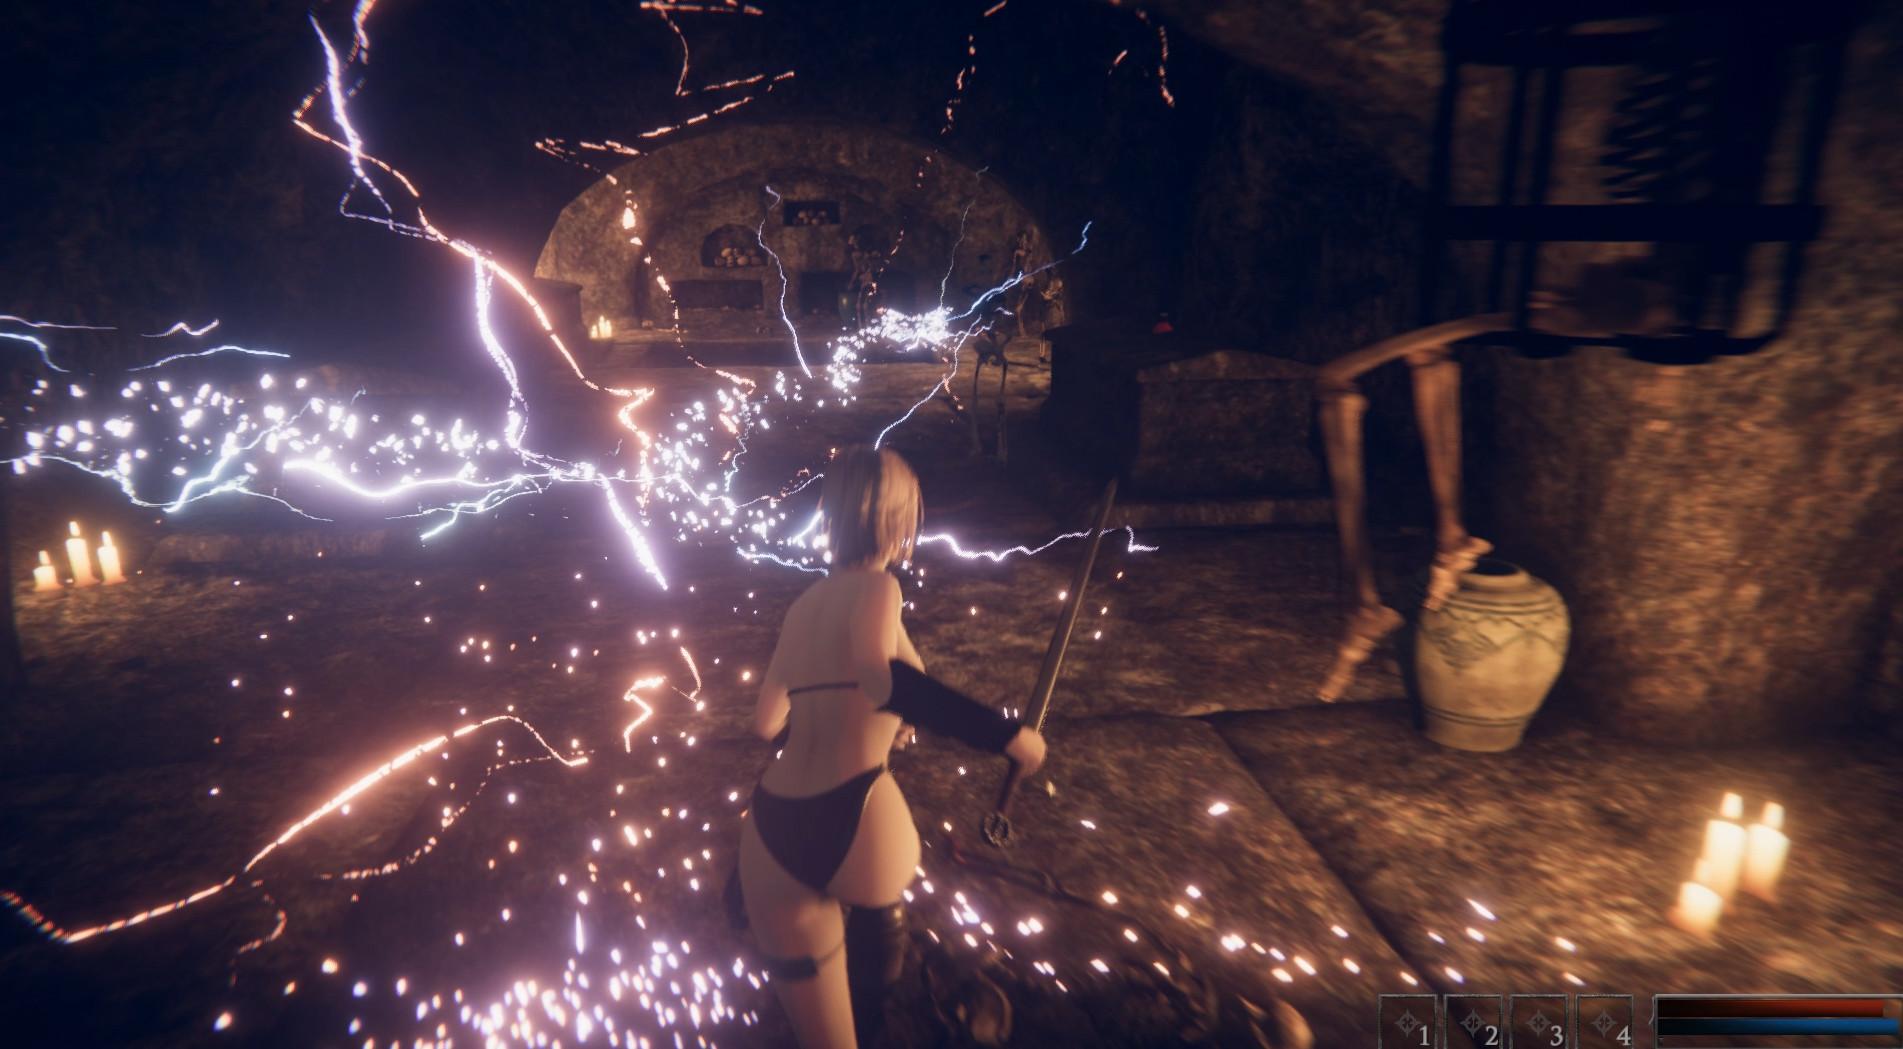 《美女与暴力:女武神》将于8月正式发售,角色造型性感